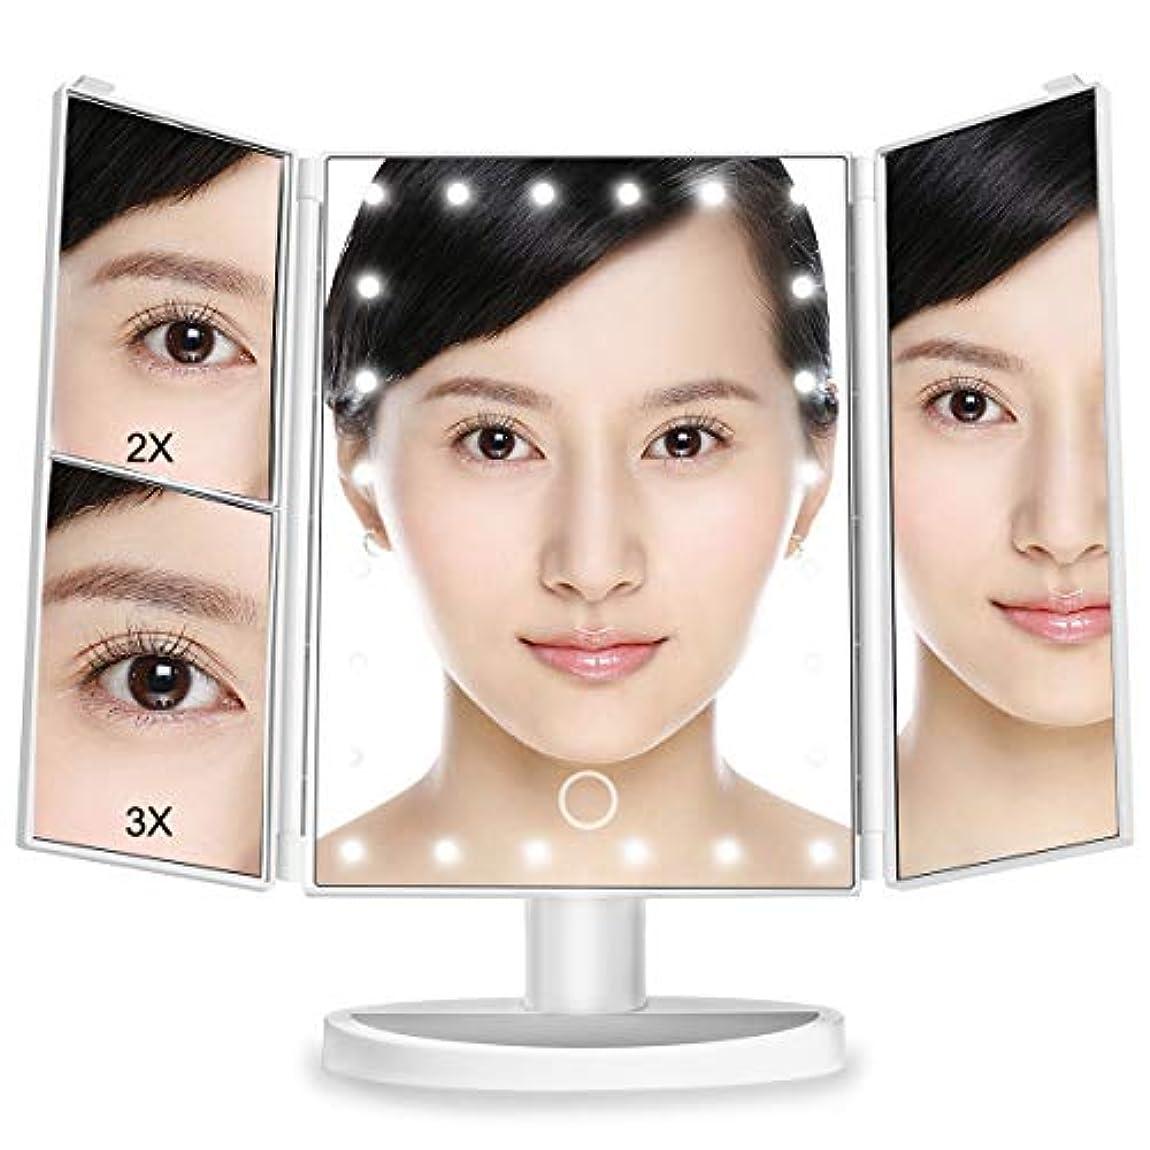 晩餐淡い流女優ミラー 三面鏡 鏡 led 卓上鏡 化粧鏡 化粧ミラー 鏡 折りたたみ式 ledライト付き 明るさ調整可能 2&3倍拡大鏡付 180 °回転 電池&USB 2WAY給電